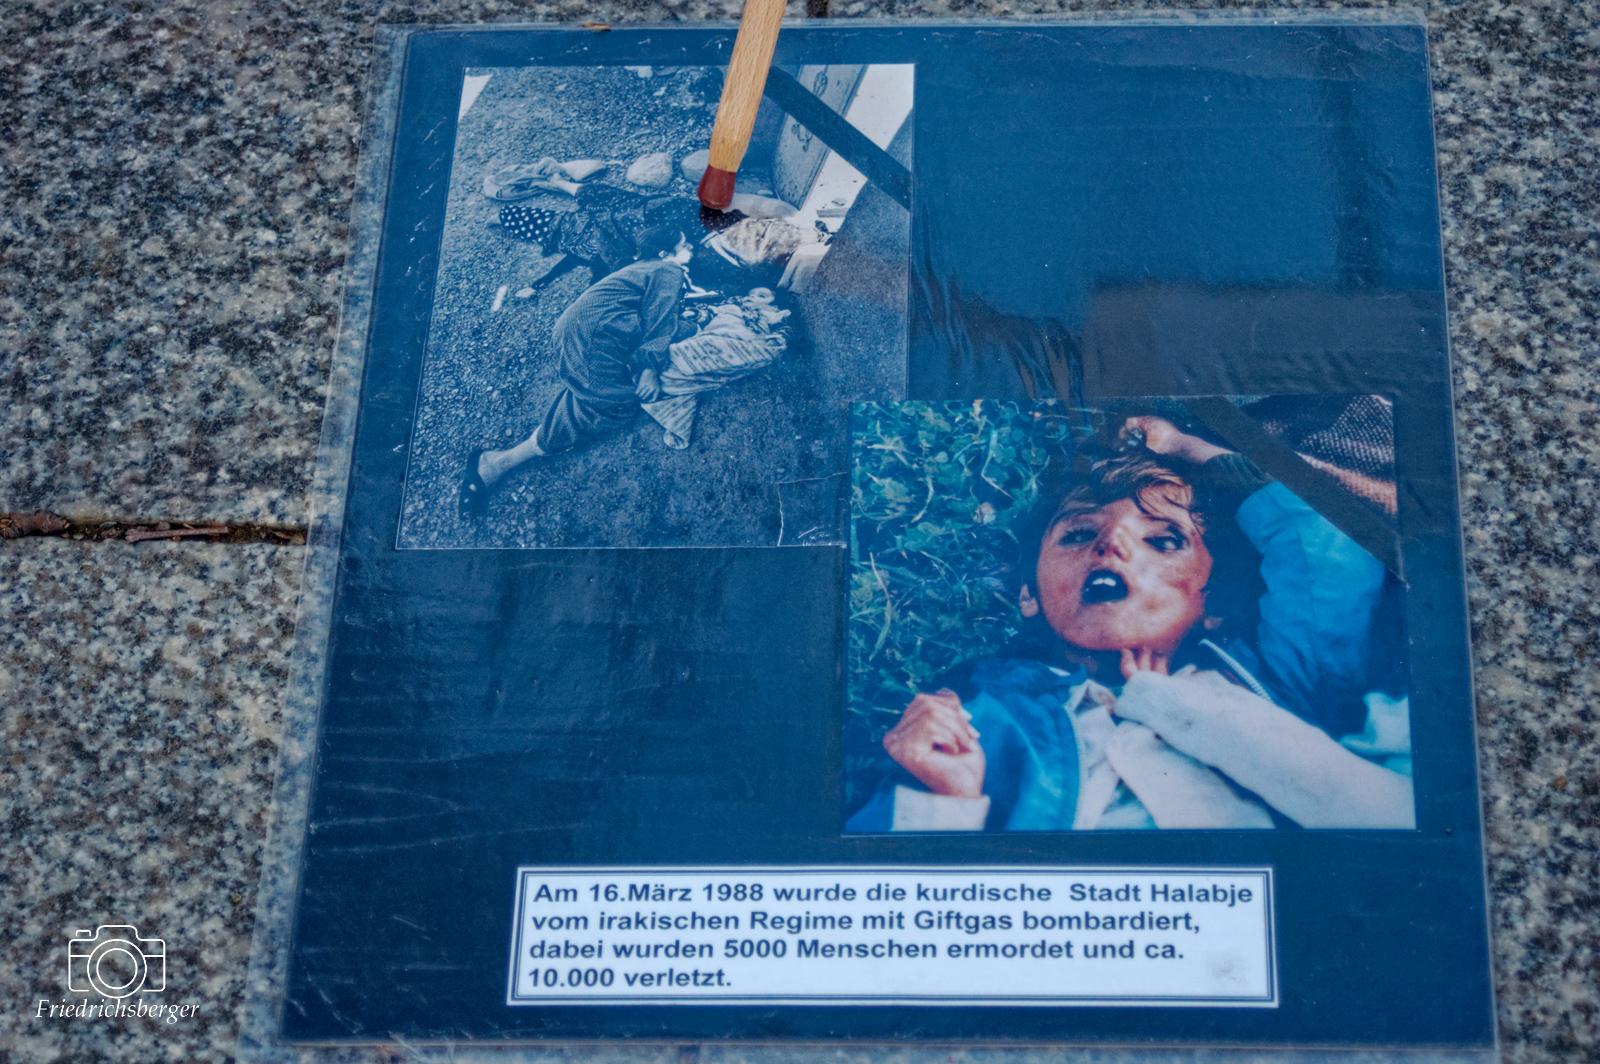 Bilder der Opfer des Giftgasmassakers<br /> 2021-03-16 - Berlin -Gedenken an Halabadje